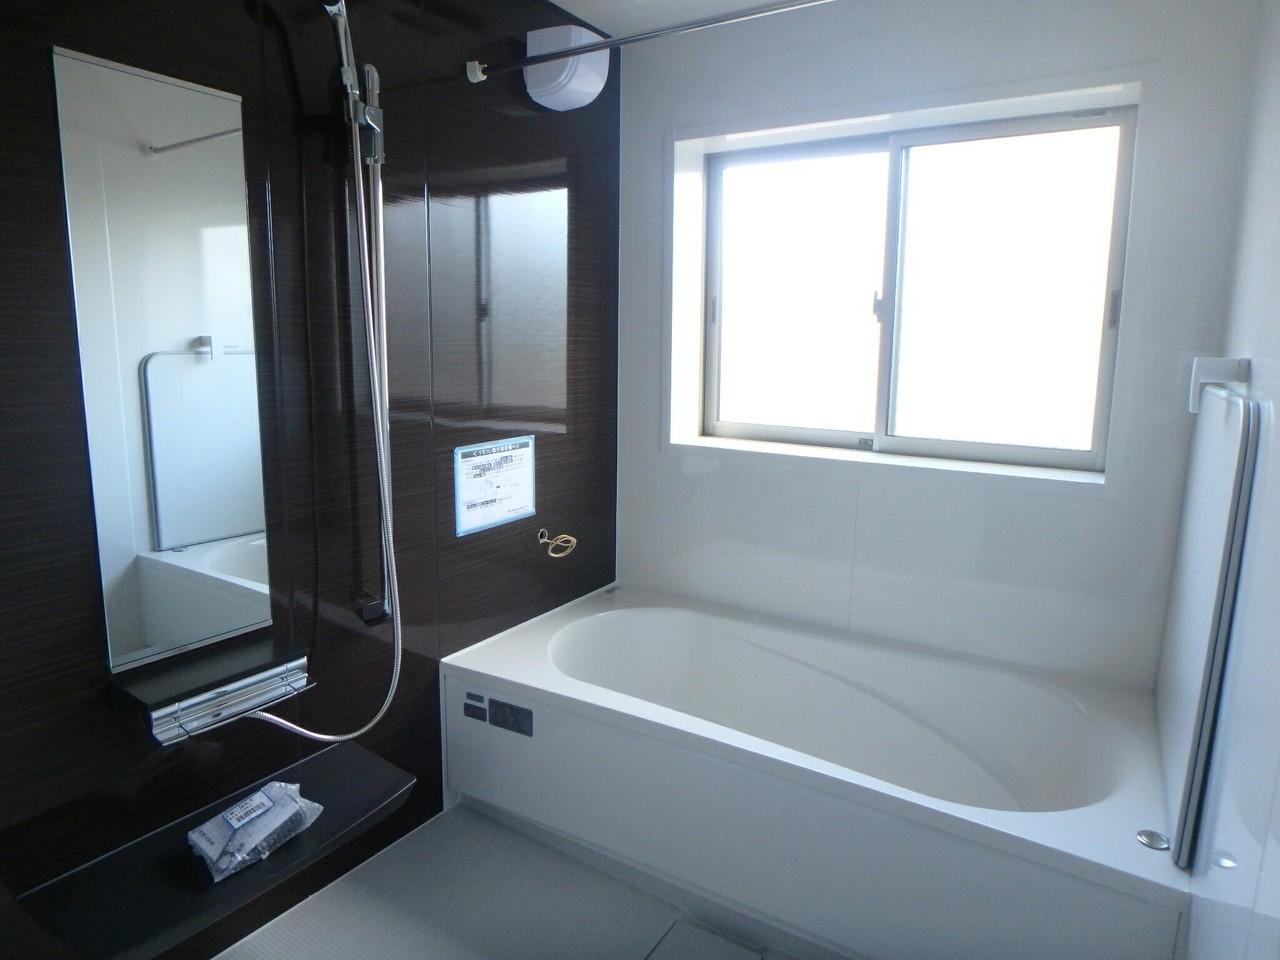 2Fトイレです。こちらは節水タイプのトイレです!